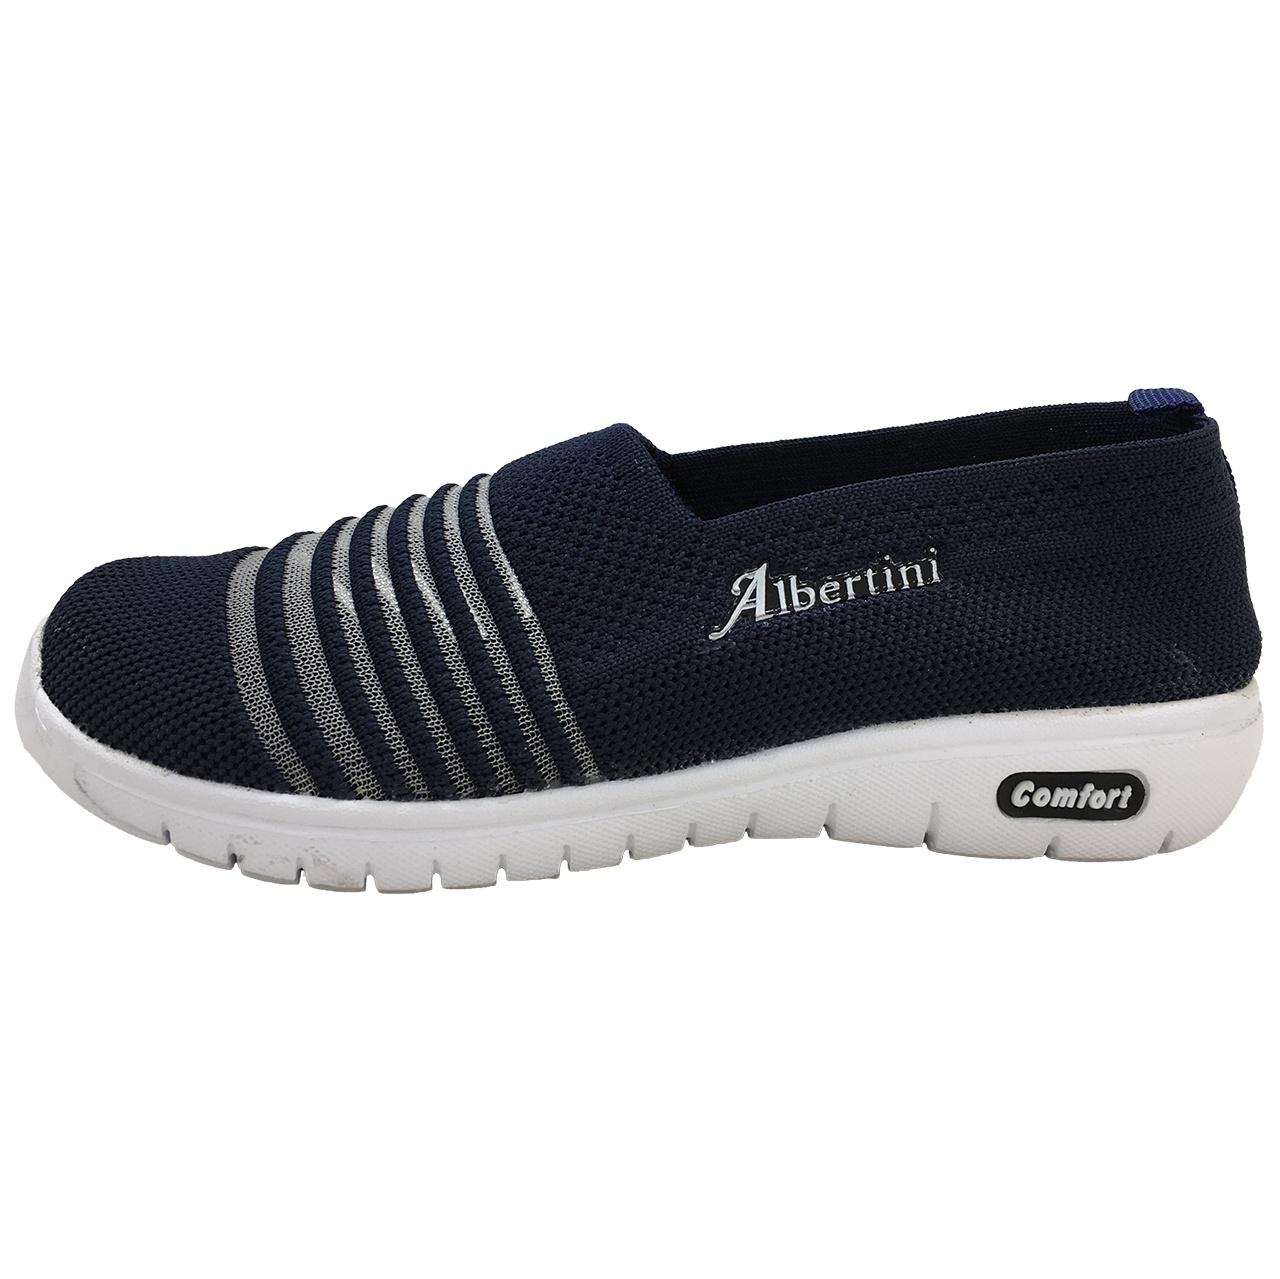 کفش زنانه مخصوص پیاده روی آلبرتینی مدل نایس کد 2631